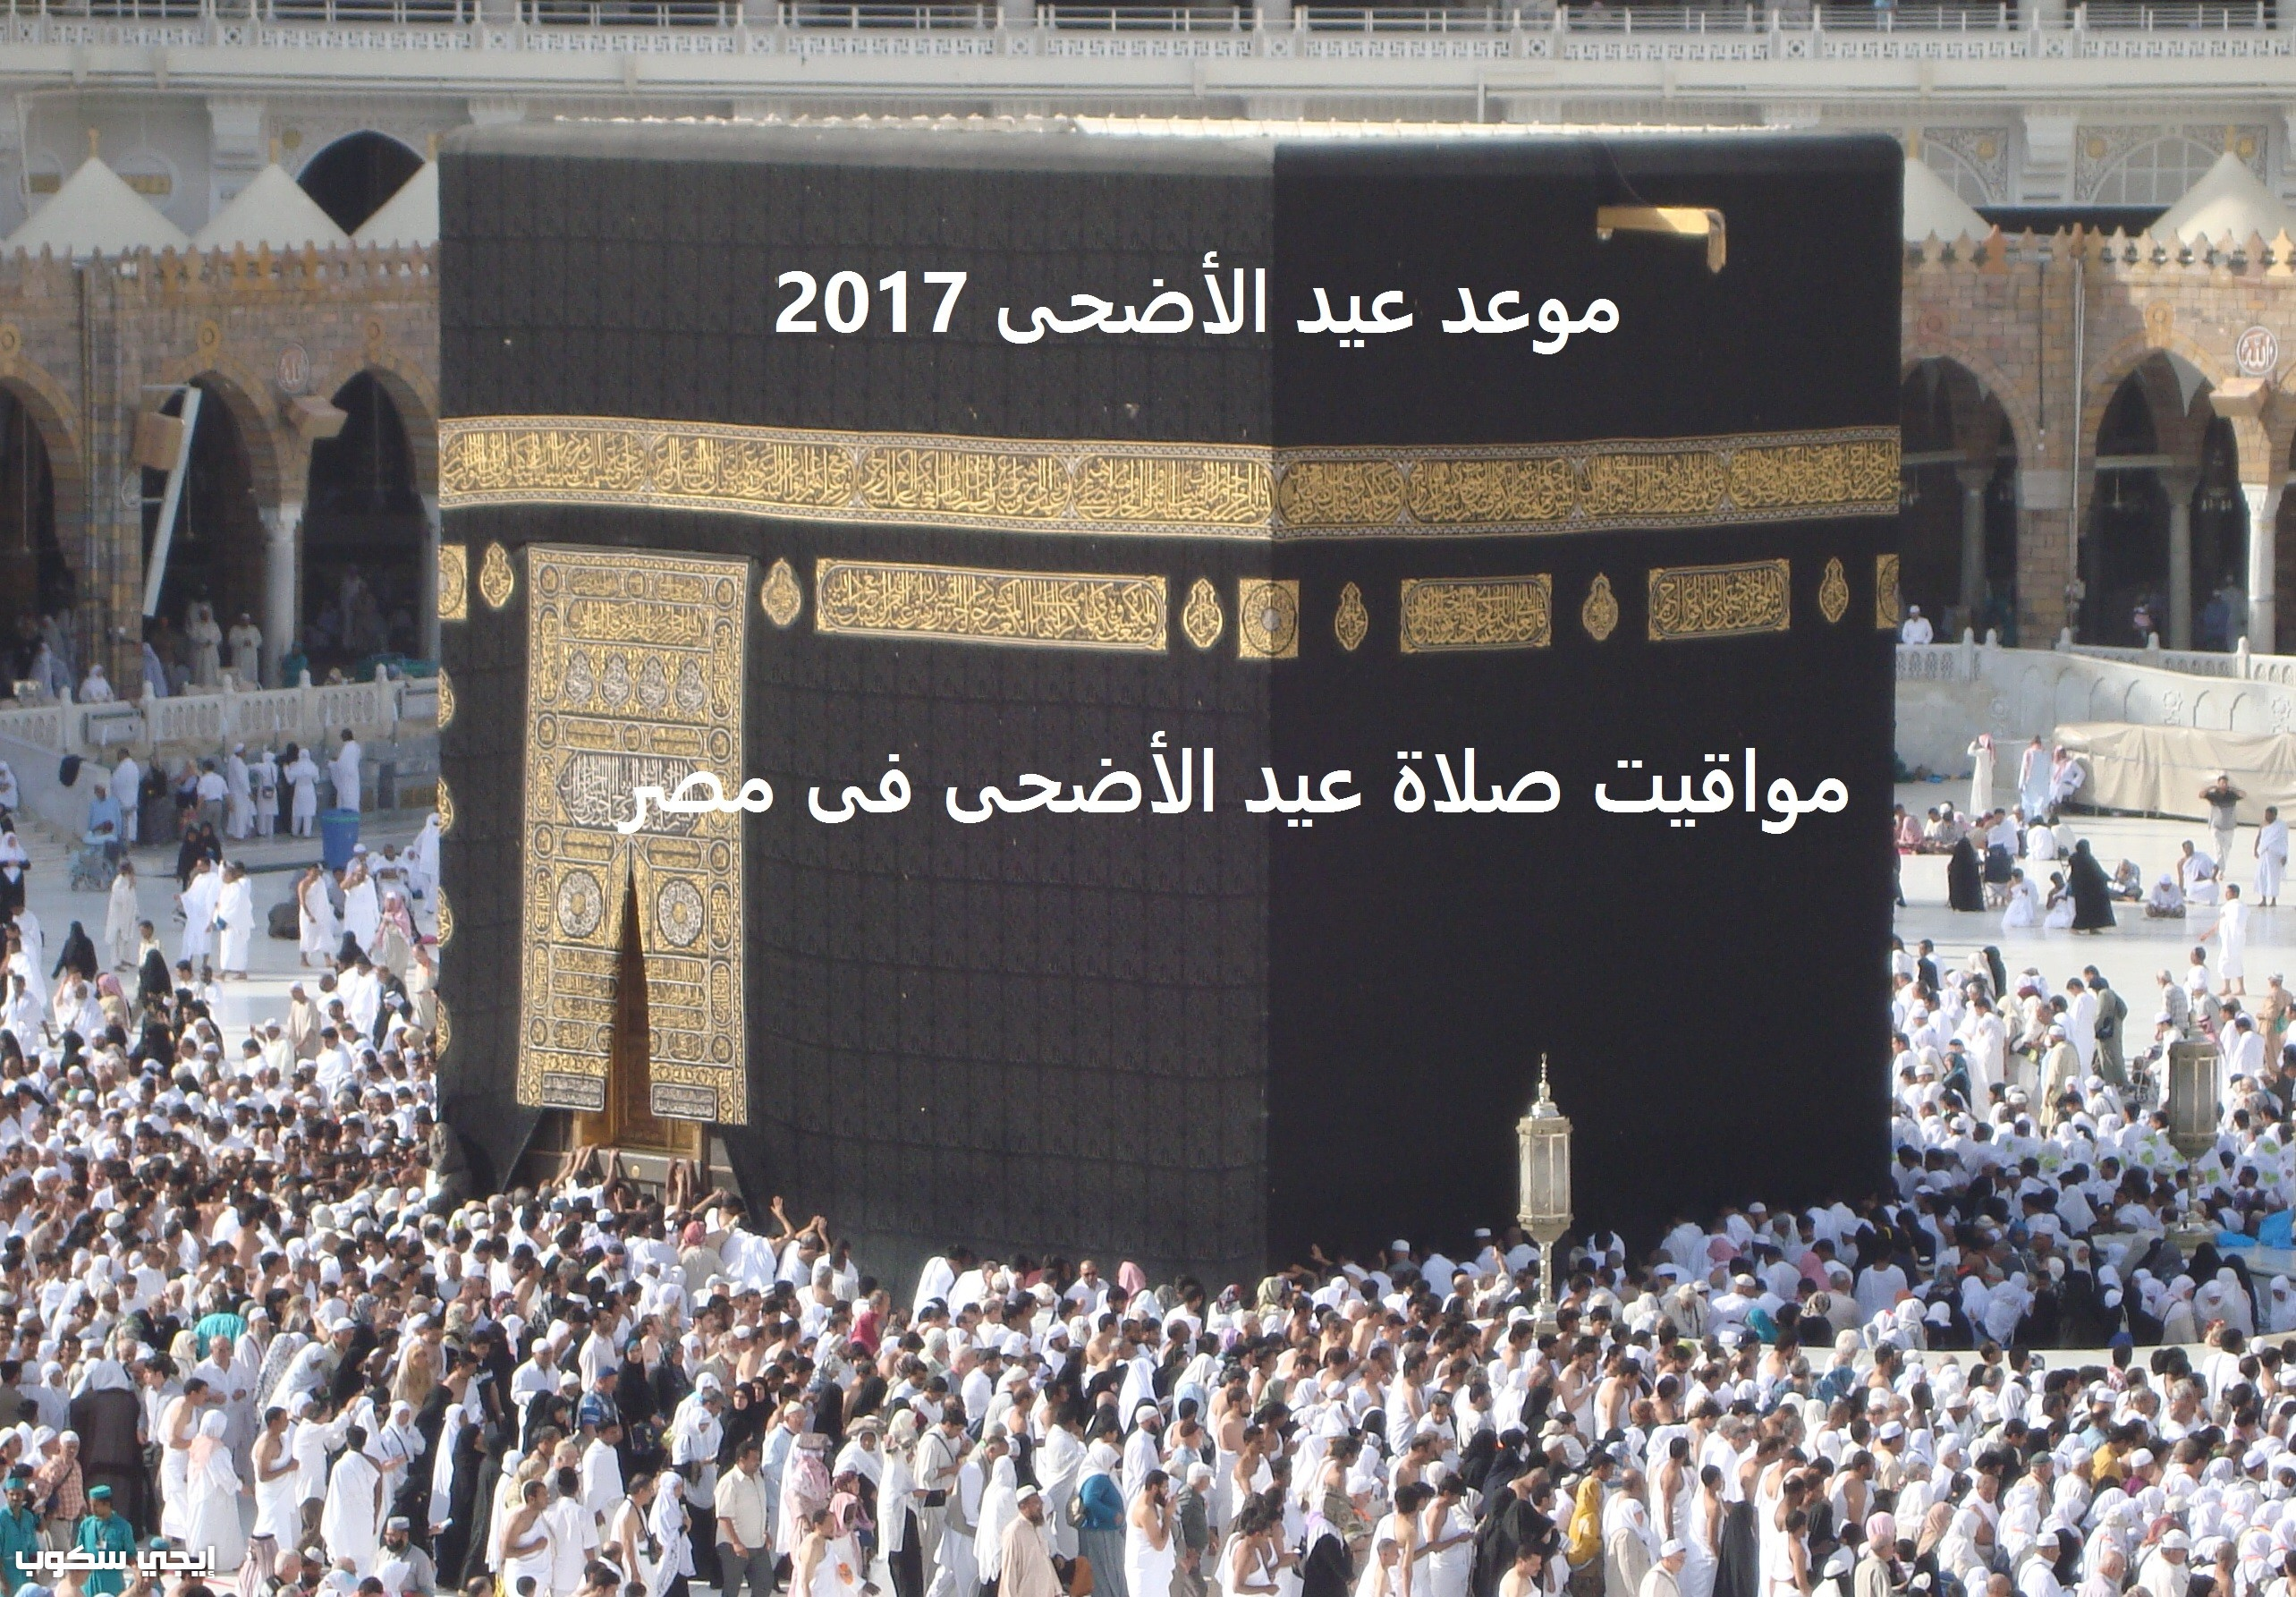 موعد عيد الأضحى 2017 فى مصر والسعودية والبلاد العربية توقيت وقفة عرفات 1438 واجازة العيد بالمملكة - إيجي سكوب